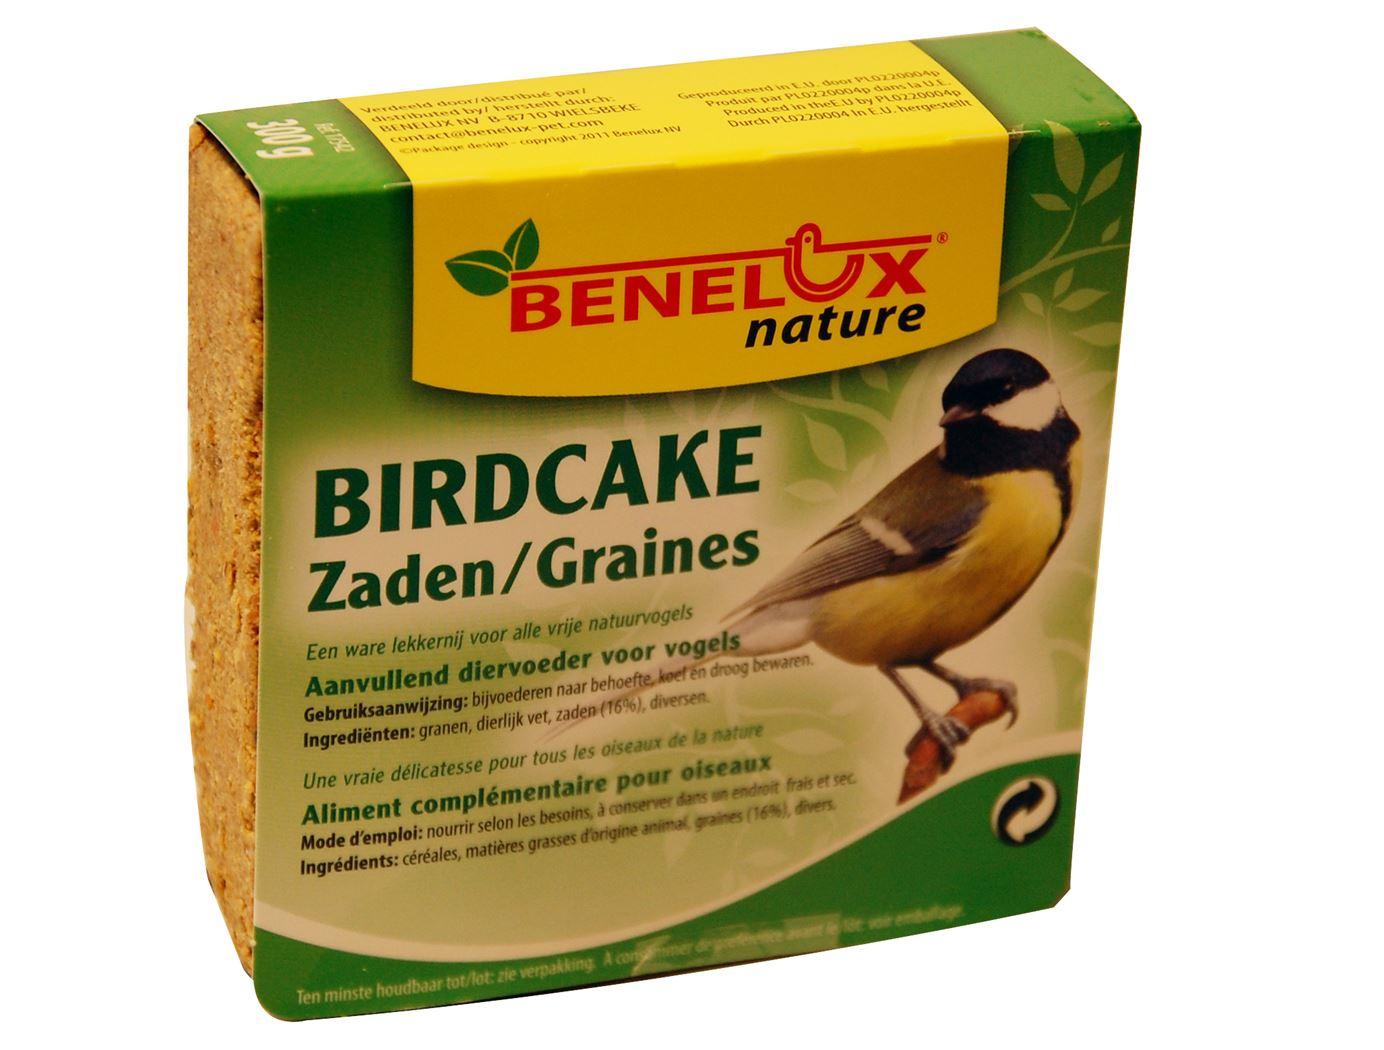 benelux birdcake zaden voor buitenvogels